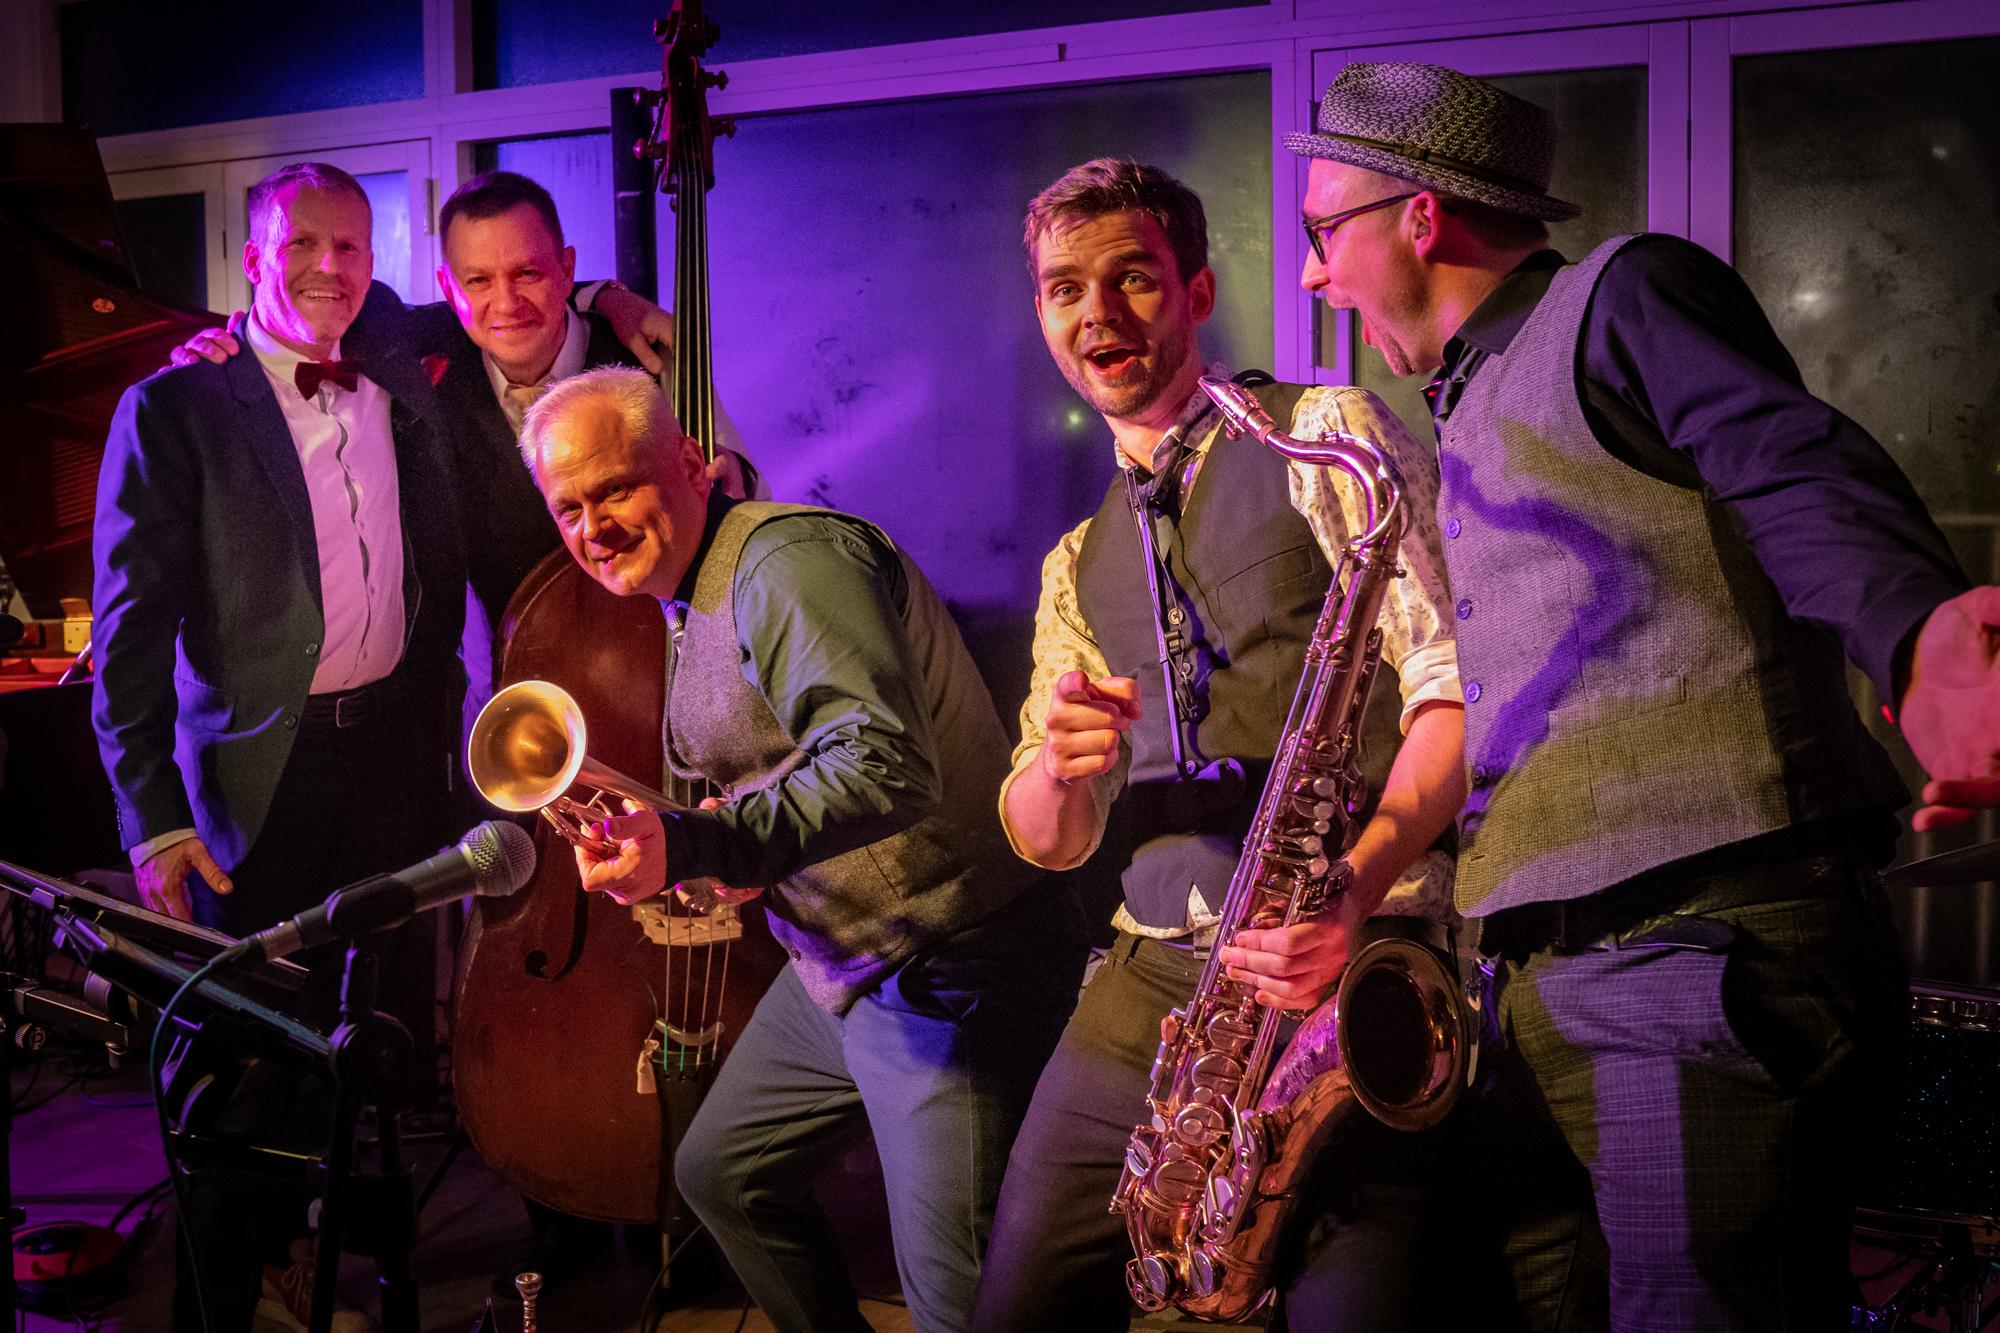 Flying Jazzman Quintet in Vanløse on 14/11/19